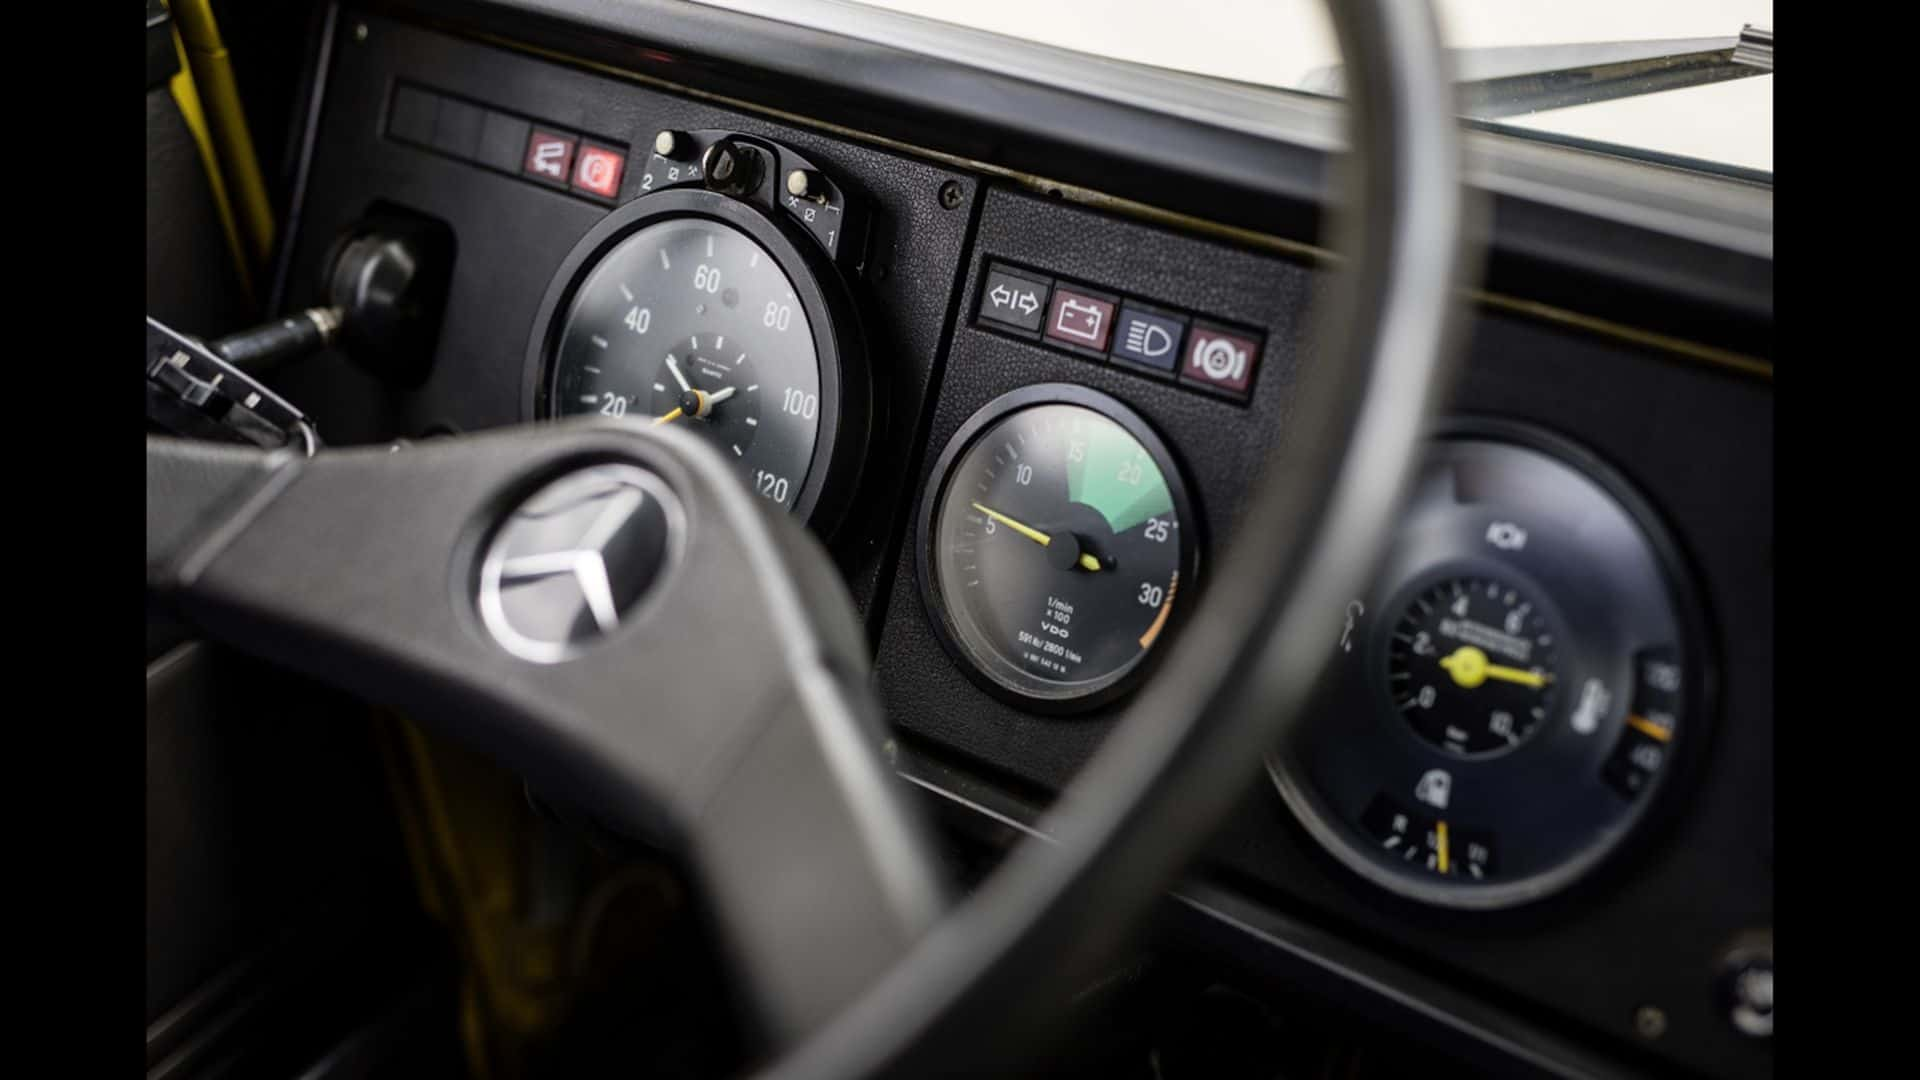 Cuánto gastan las empresas de transporte cuando los camiones están detenidos en ralentí